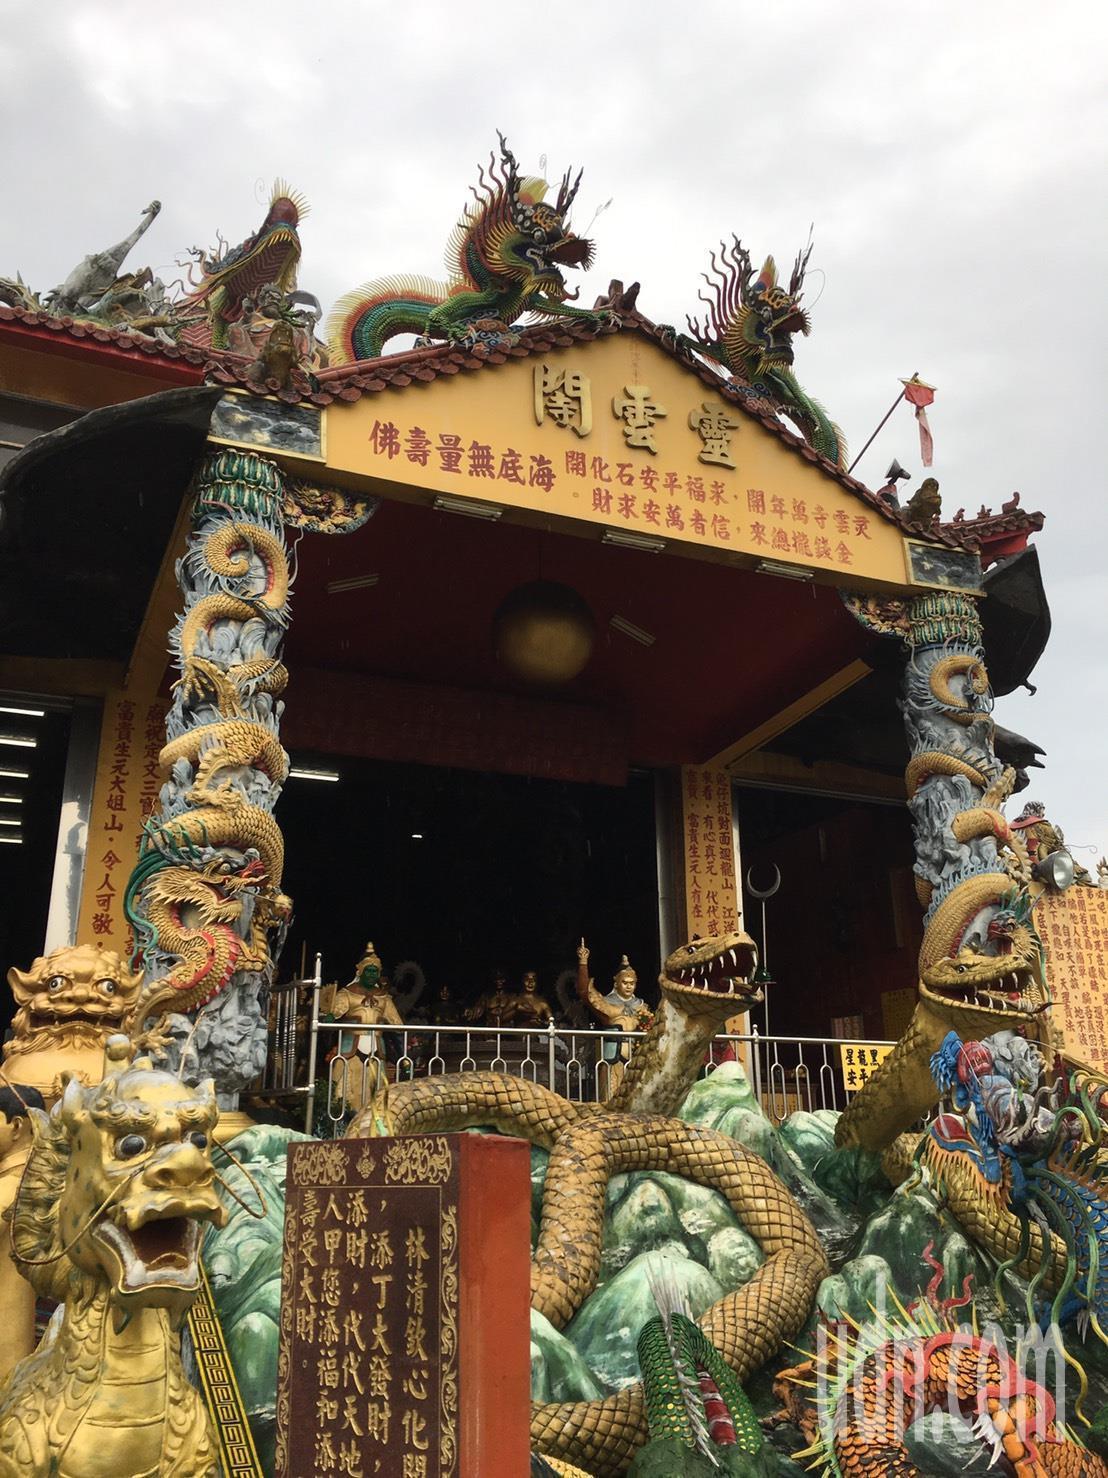 靈雲寺哲學廟位於桃園龜山,創立至今已有26年歷史,主寺玄天上帝。記者曾健祐/攝影